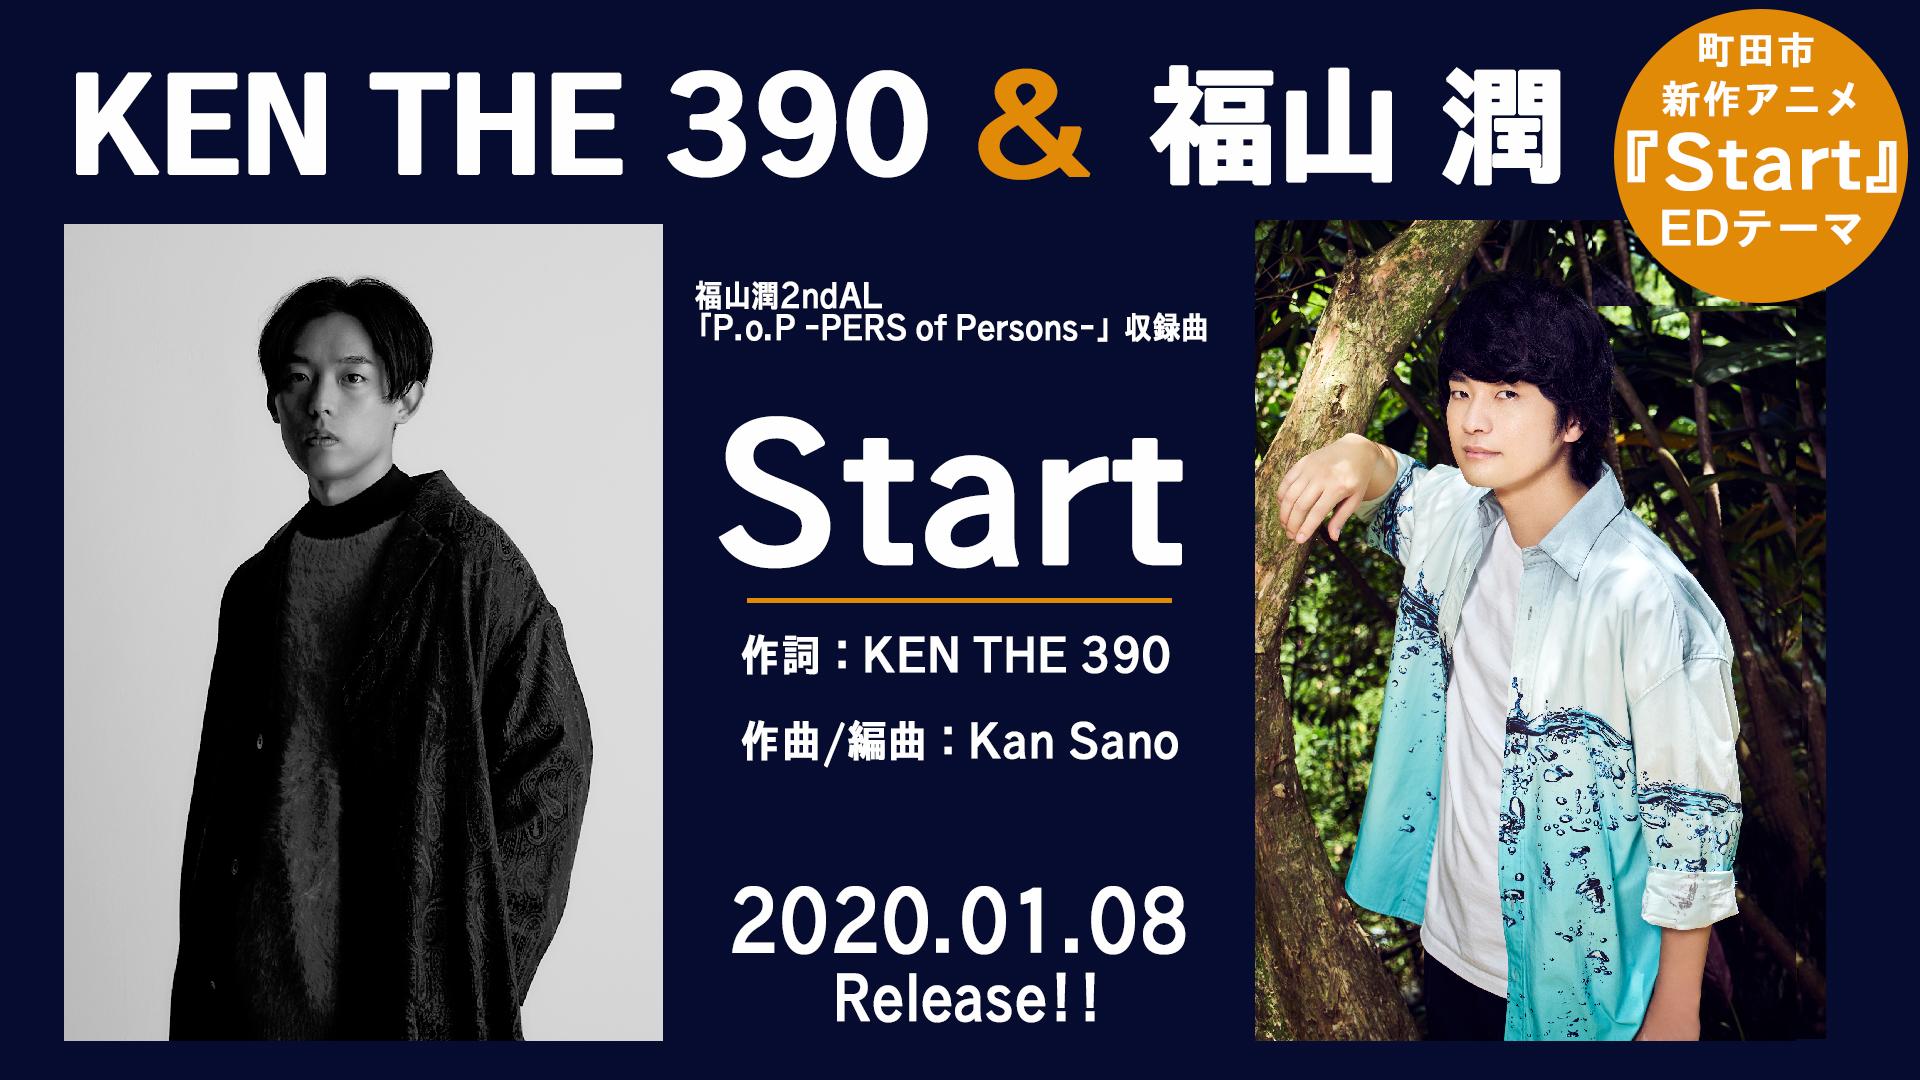 声優 福山潤 2ndアルバムよりken The 390とのコラボ楽曲 Start 試聴